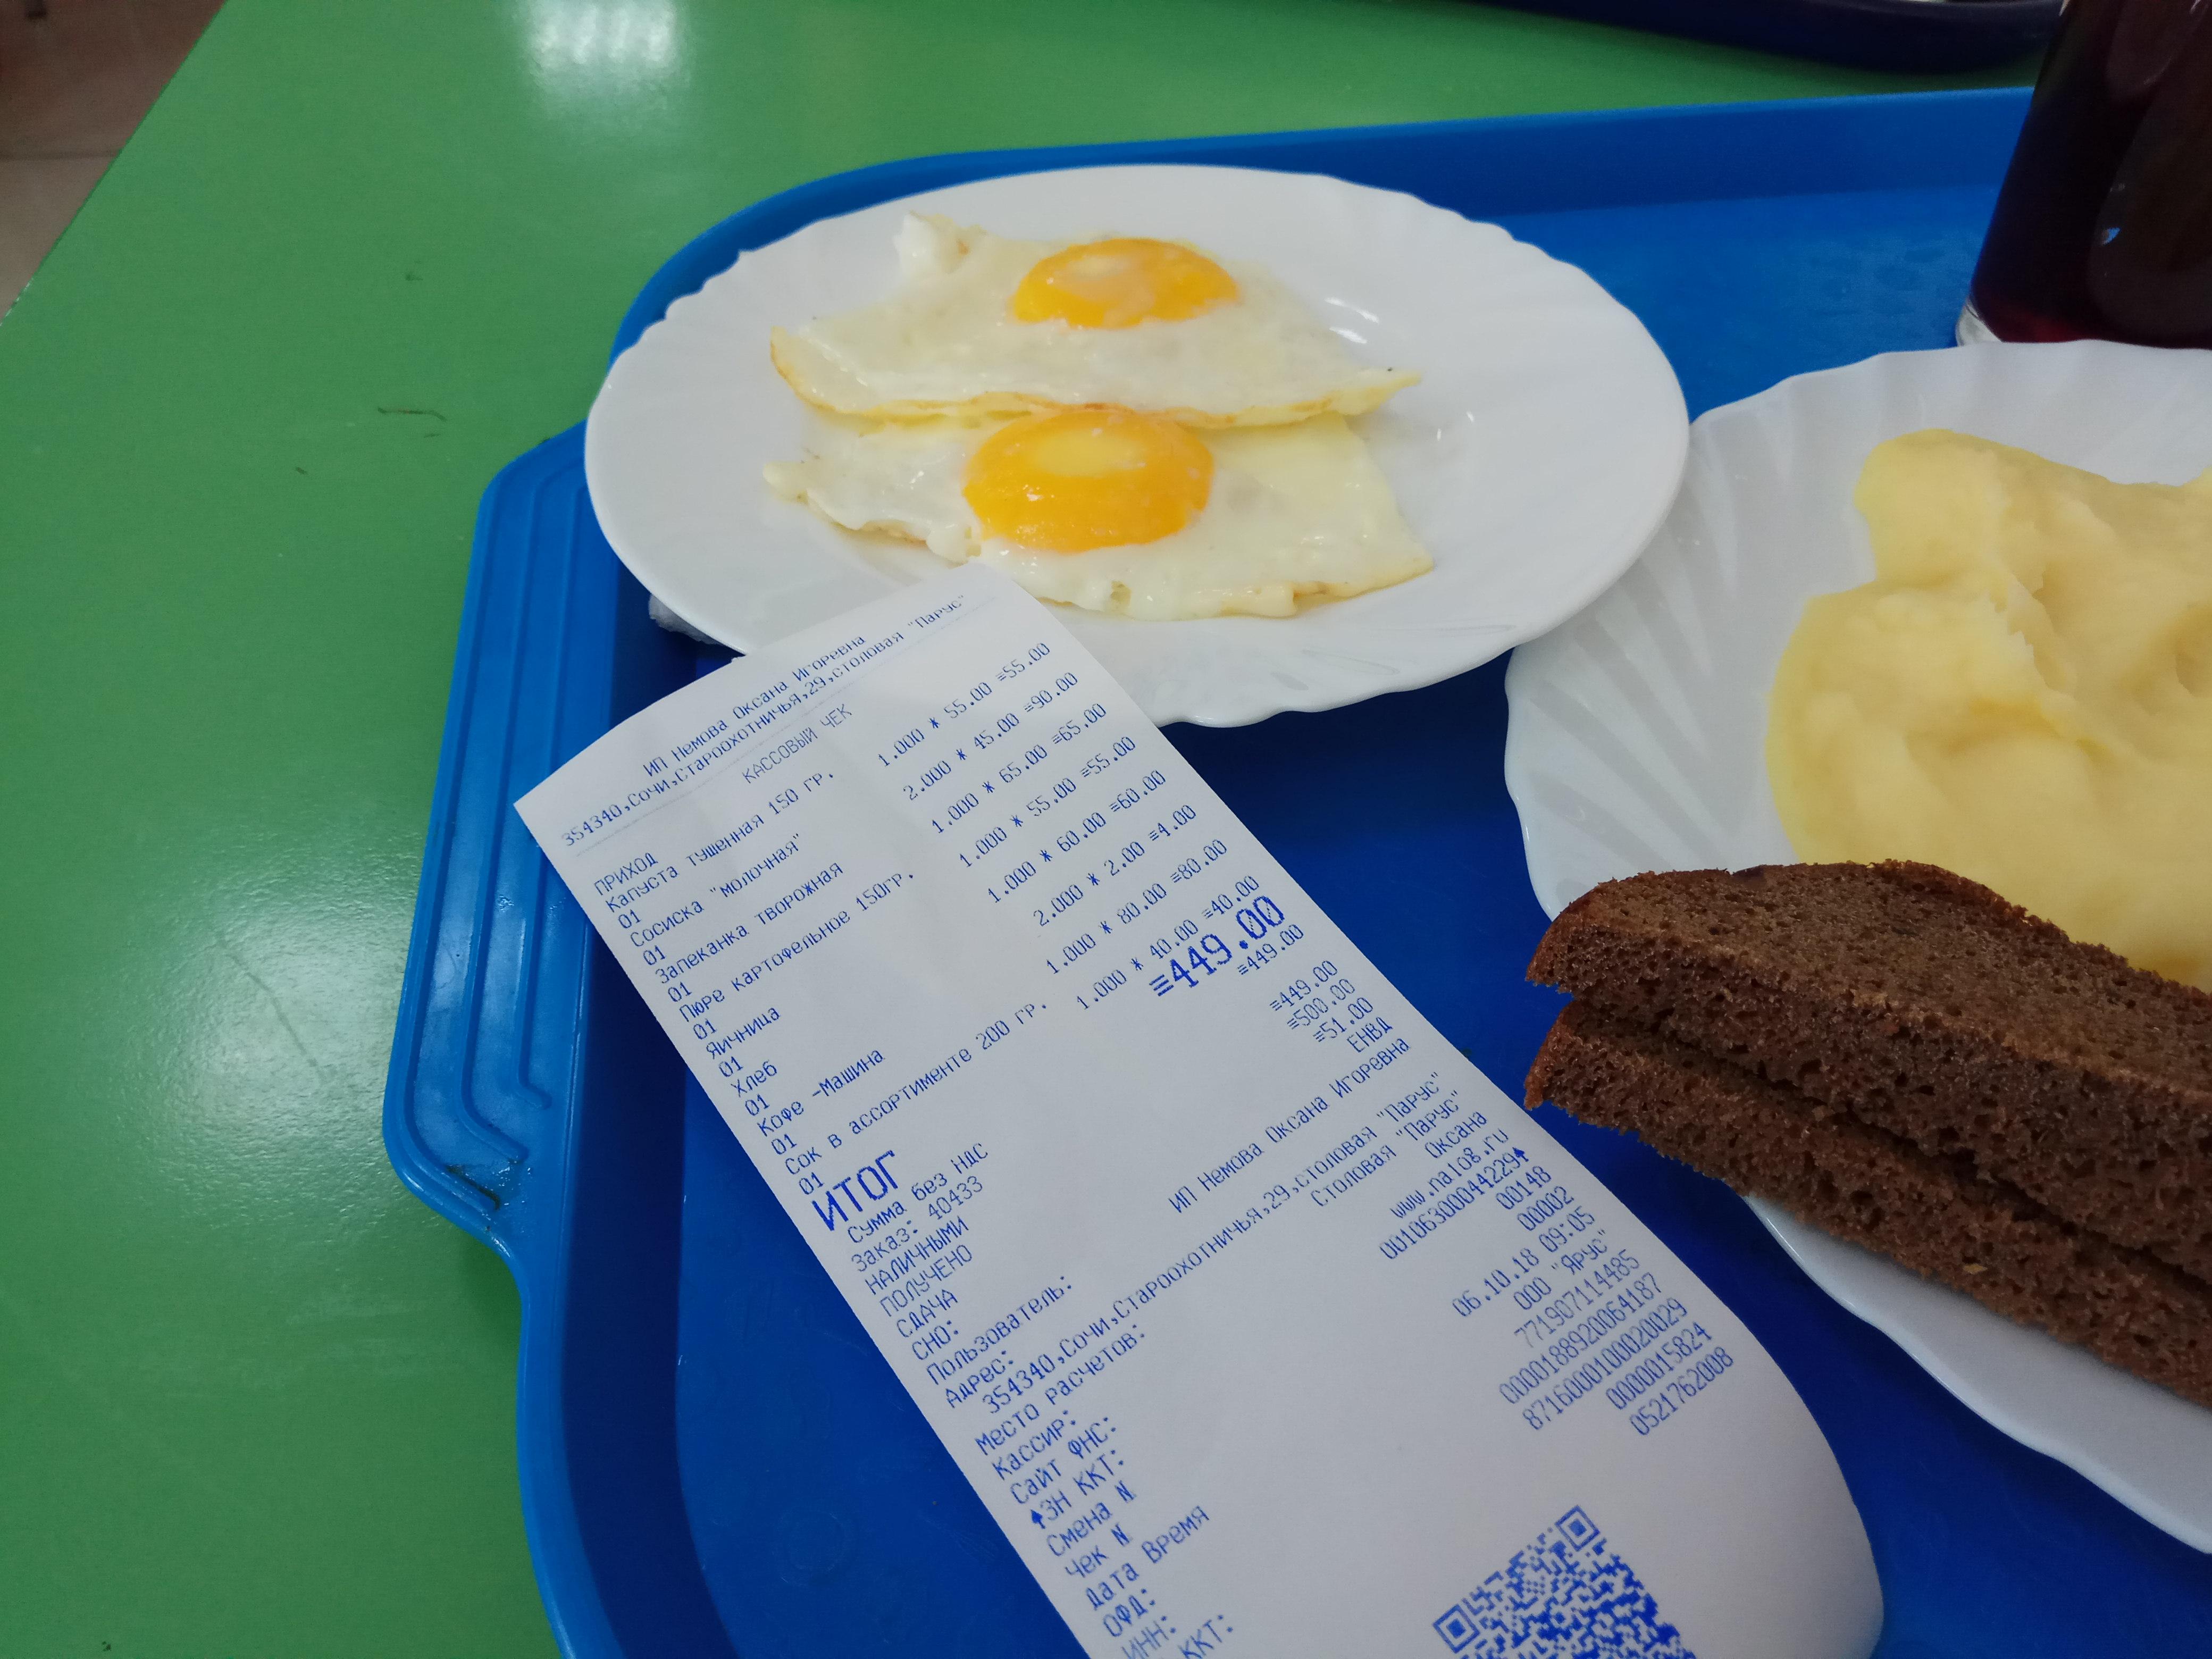 Утро в Сочи кислила, яичница, запеканка, ничего, порошковая, картошка, оказались, самыми, дешёвыми, бумага, говорится, скупой, зайдём, гости, другой, общепит, следующий, подумали, платит, дважды